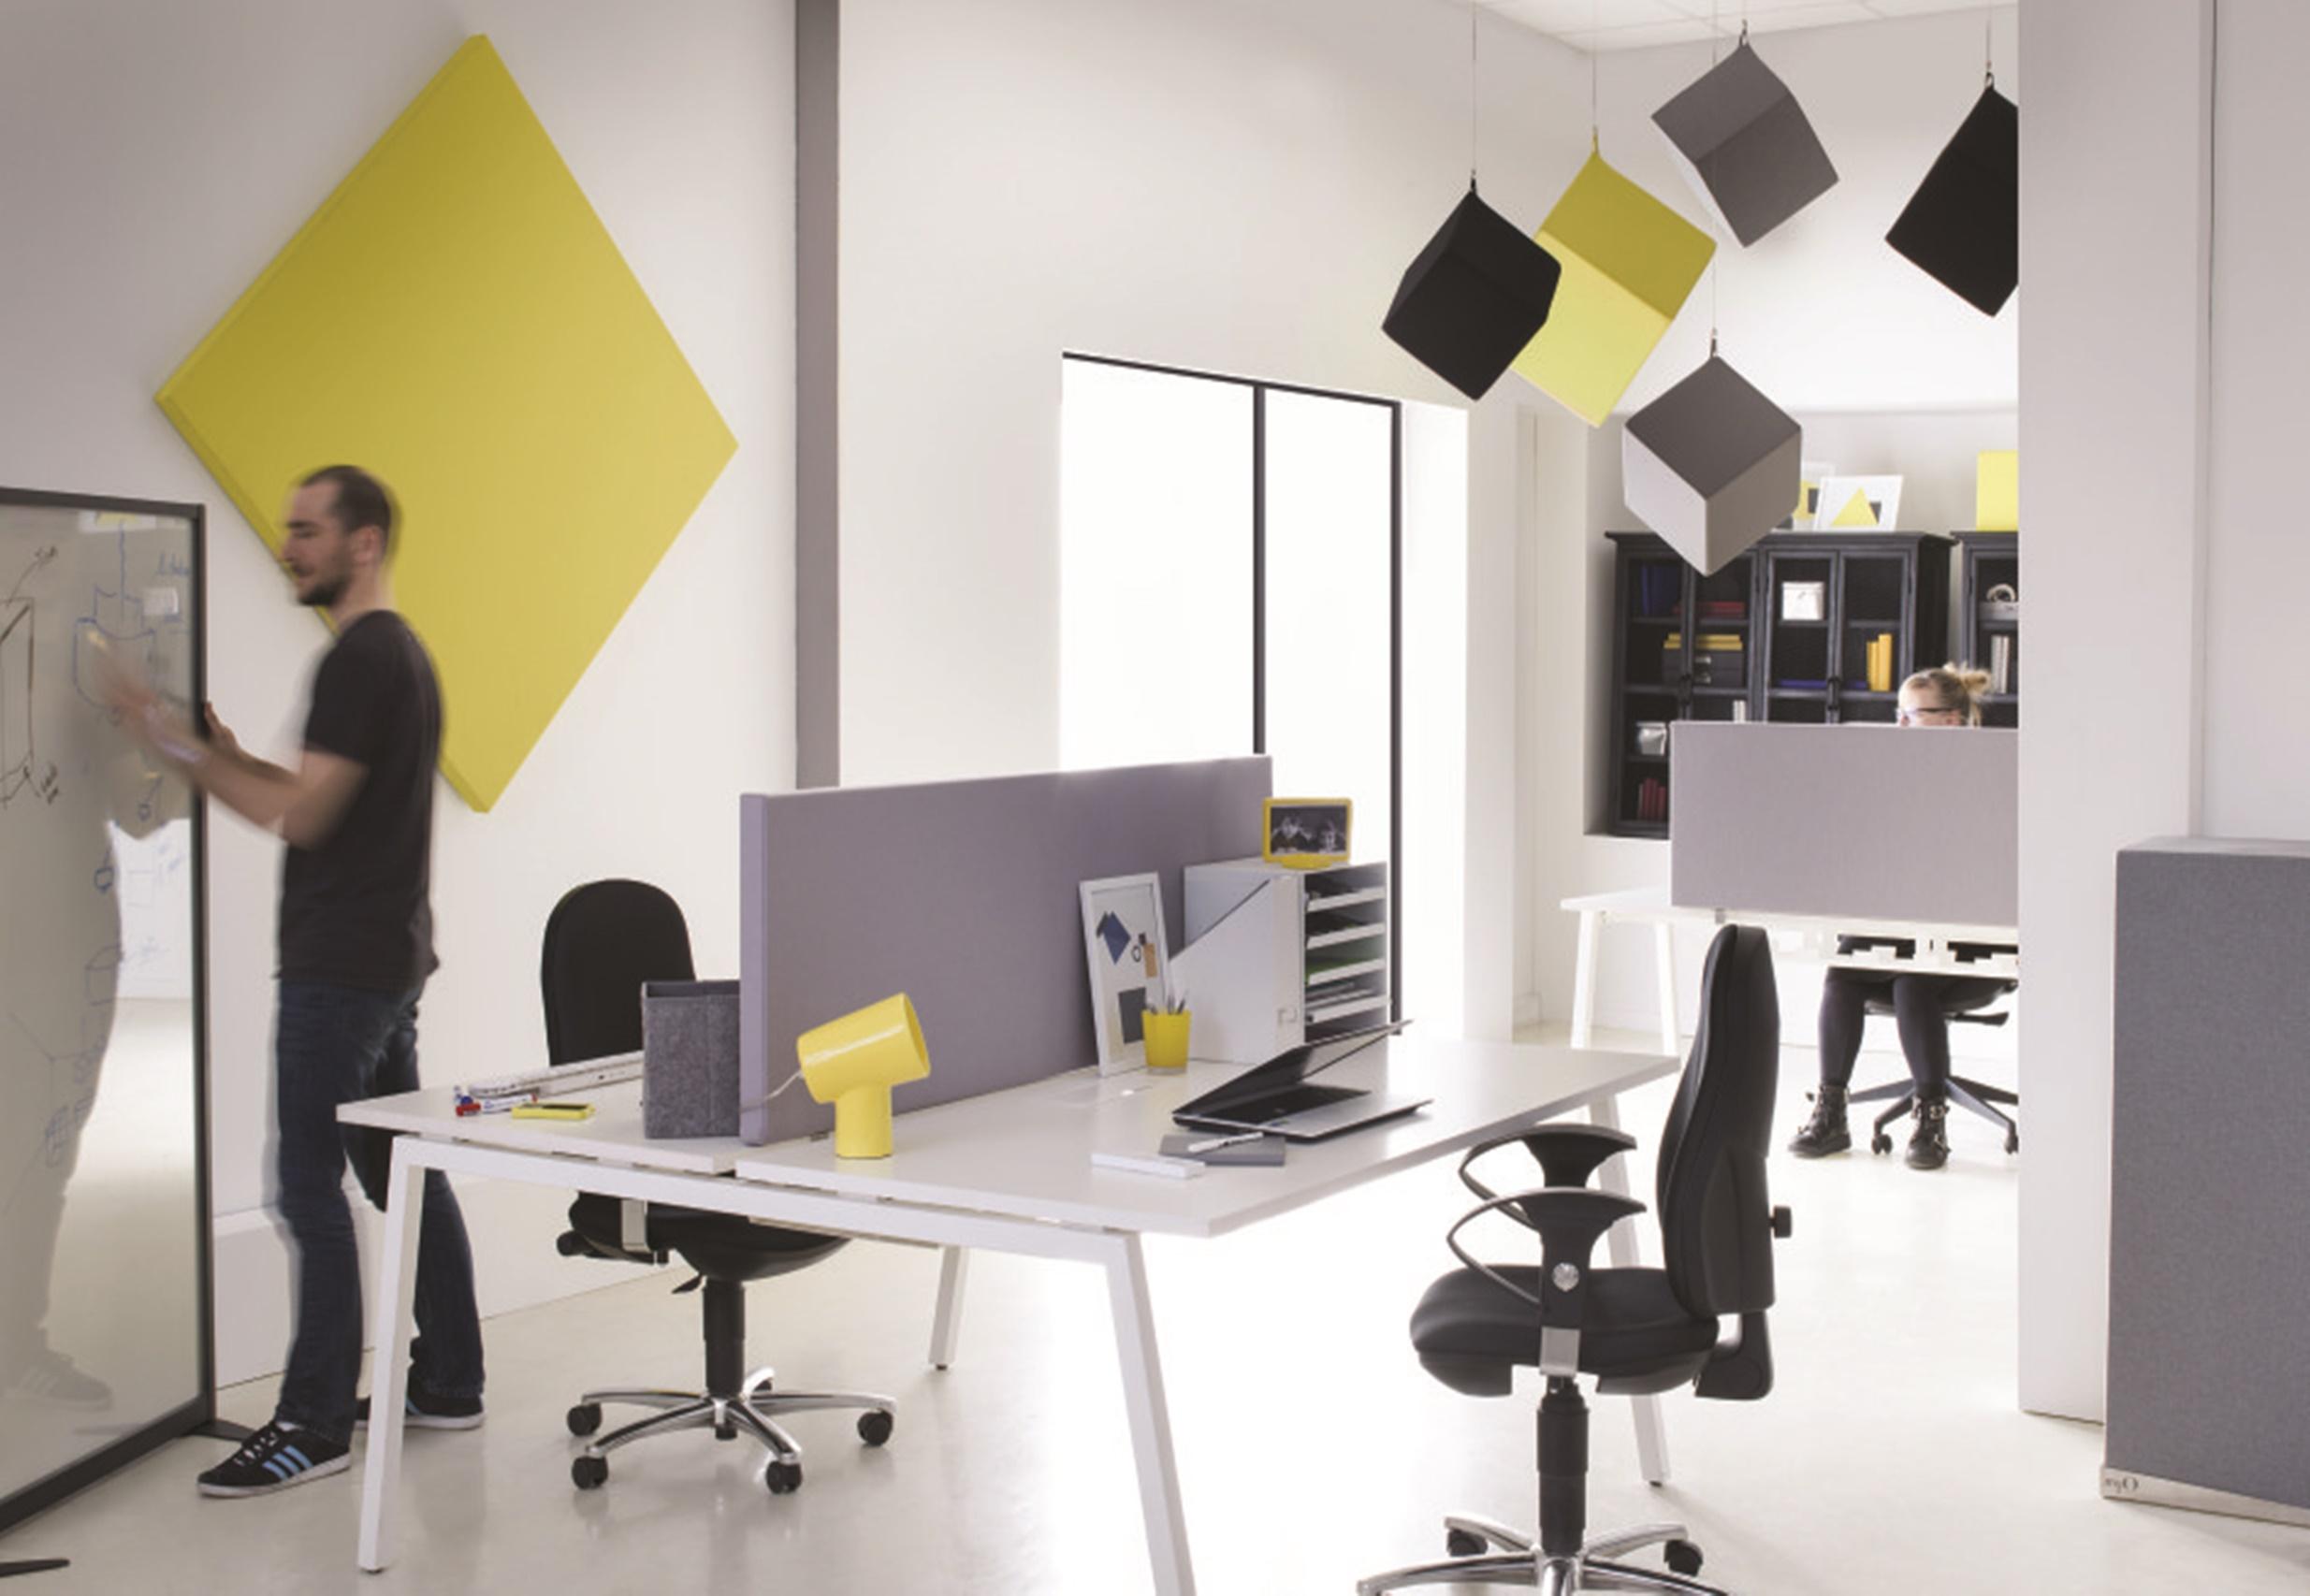 akustiikkaratkaisut akustinen viihtyisyys meluntorjunta avotoimistoissa. Black Bedroom Furniture Sets. Home Design Ideas